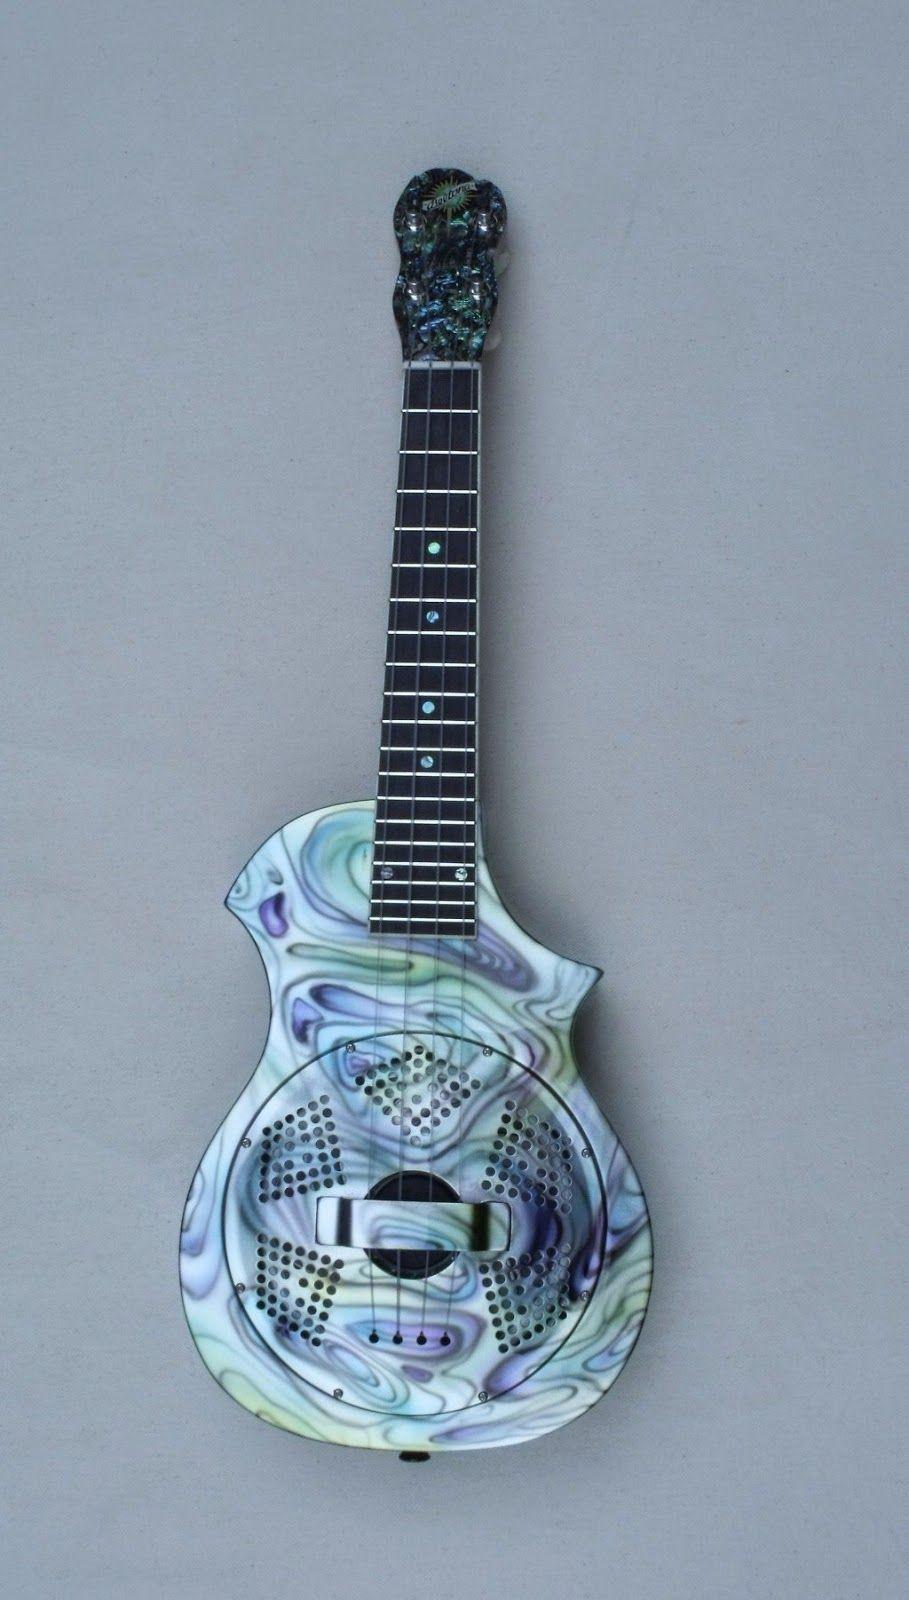 beltona resonator instruments ukuleles for sale ukuleles pinterest ukulele for sale. Black Bedroom Furniture Sets. Home Design Ideas